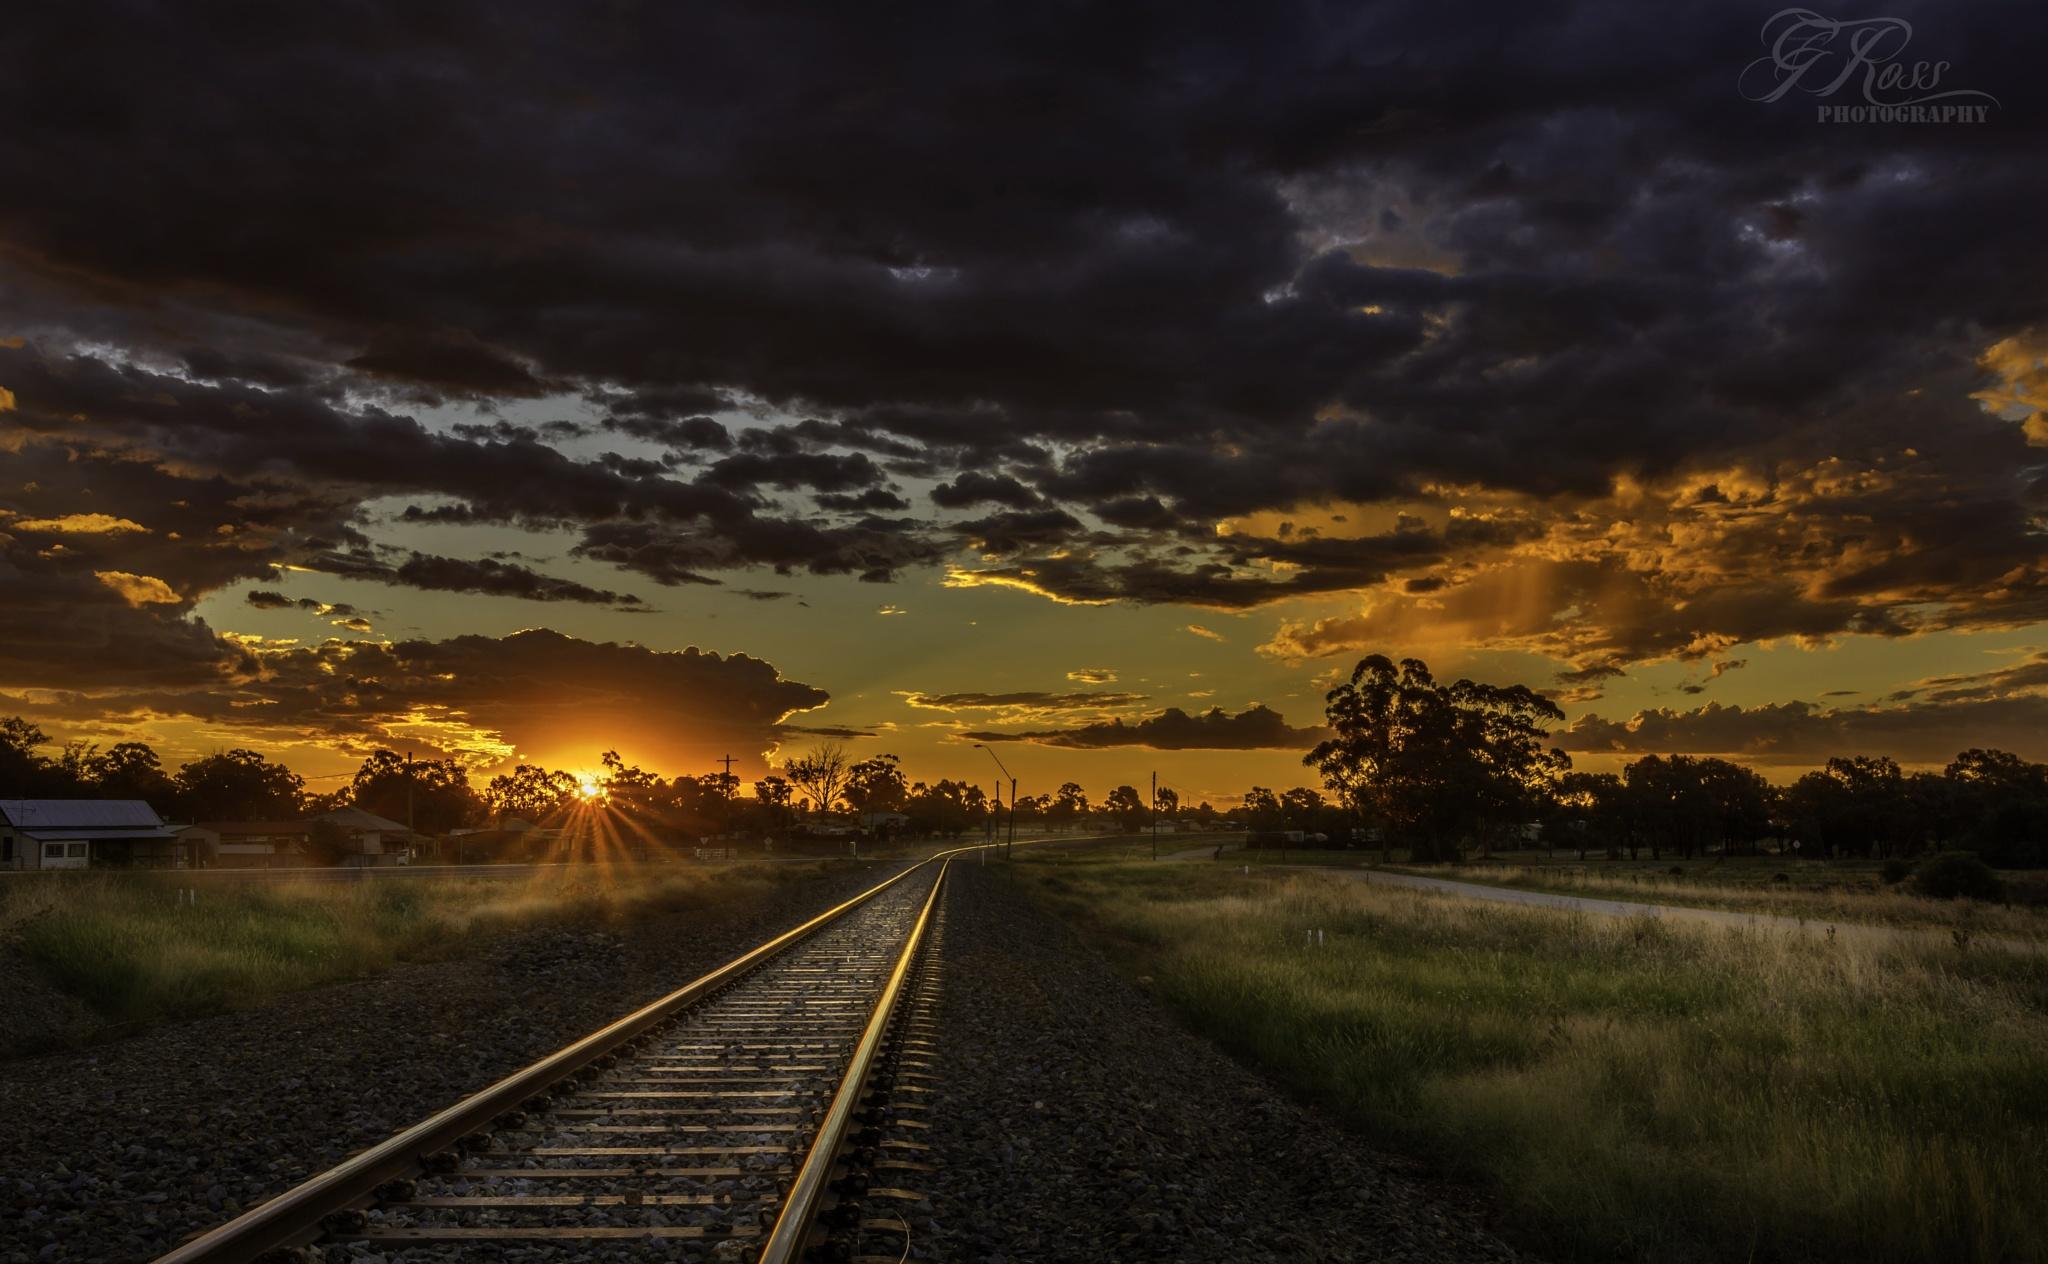 sunset by Glen Ross